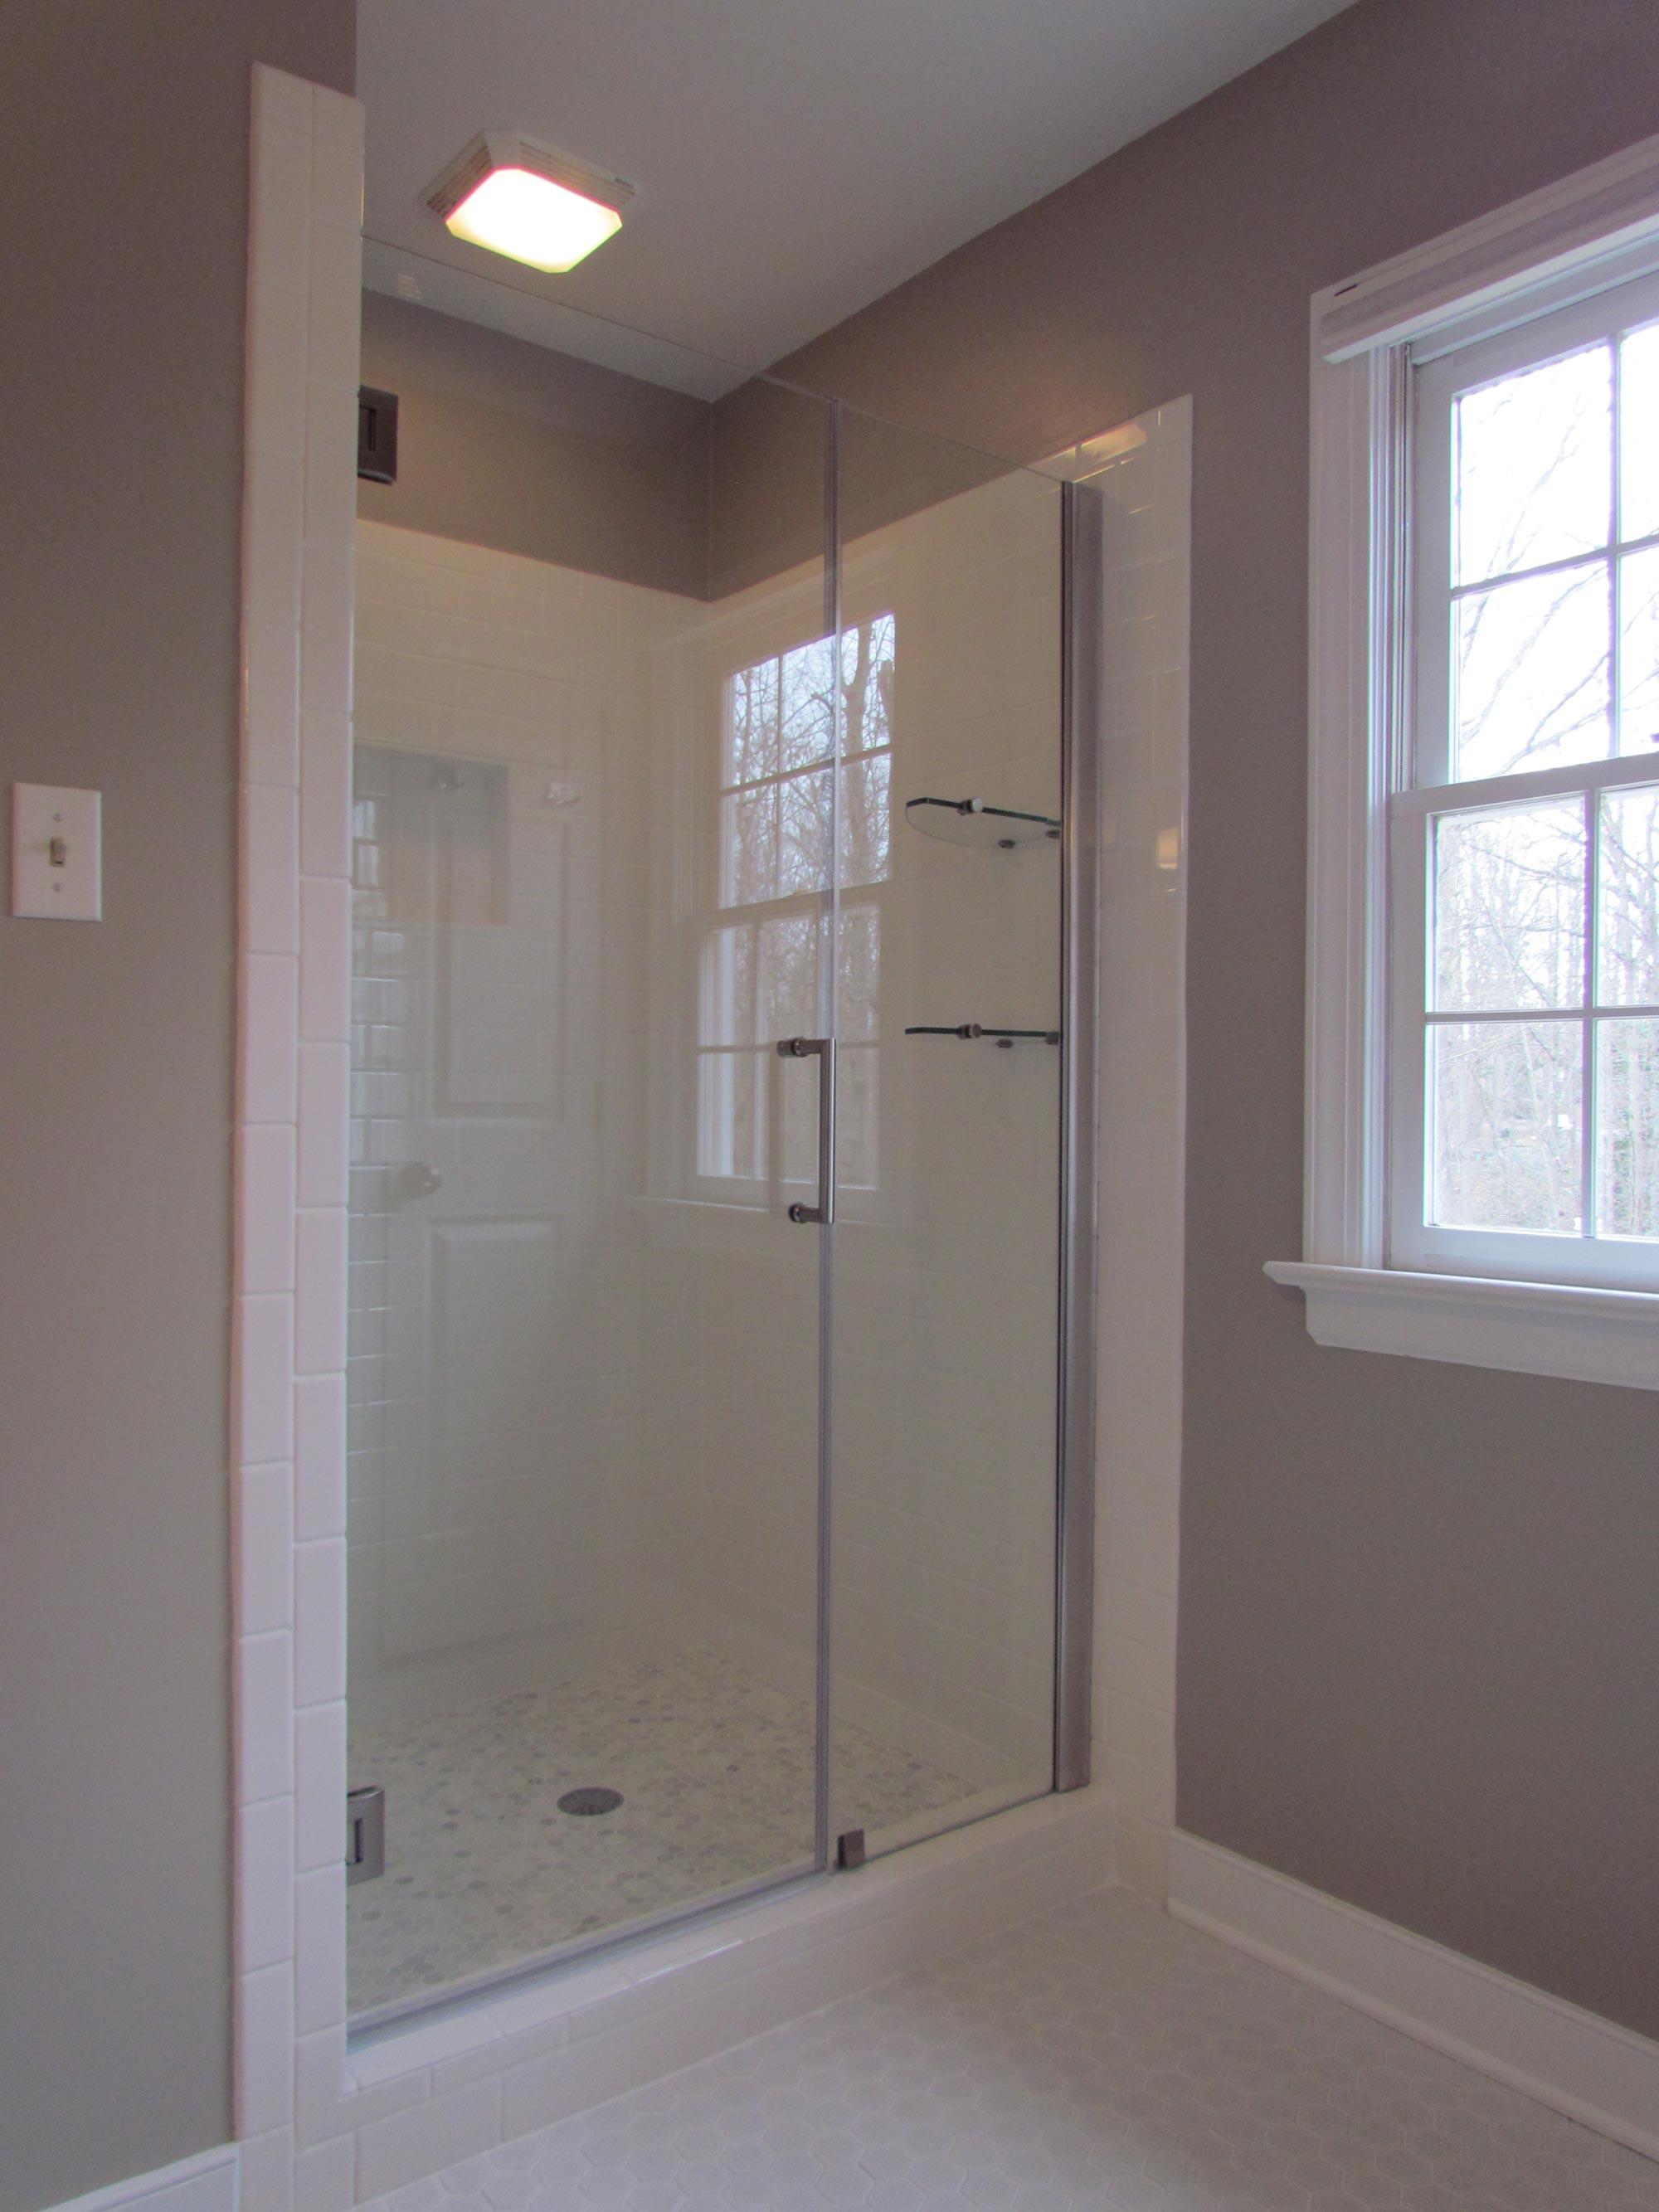 Bathroom Remodeling Richmond Bathroom Remodel In West End Rva Remodeling Llc